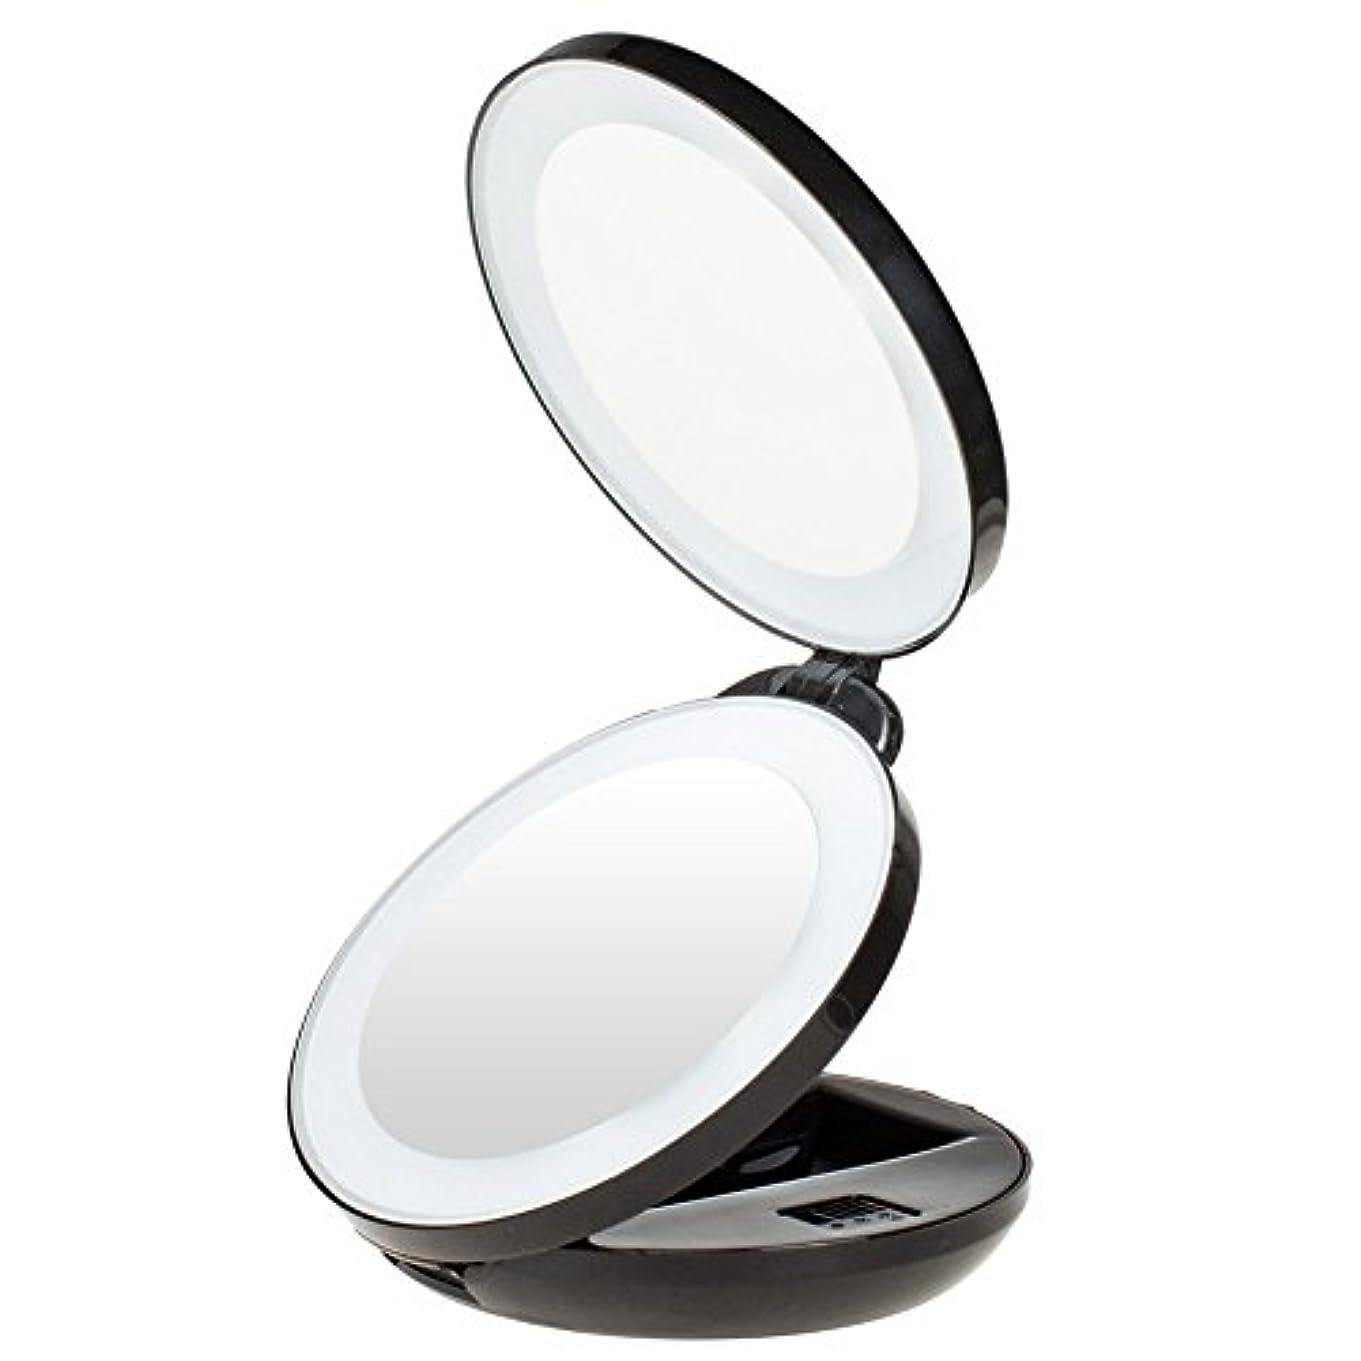 ヒューム創傷支店KEDSUM 手鏡 両面化粧鏡 コンパクトミラー LED化粧鏡 等倍鏡+10倍拡大鏡 LEDミラー 角度調整 折り畳み 丸型 おしゃれ ハンド 携帯ミラー 旅行ミラー 女優ミラー